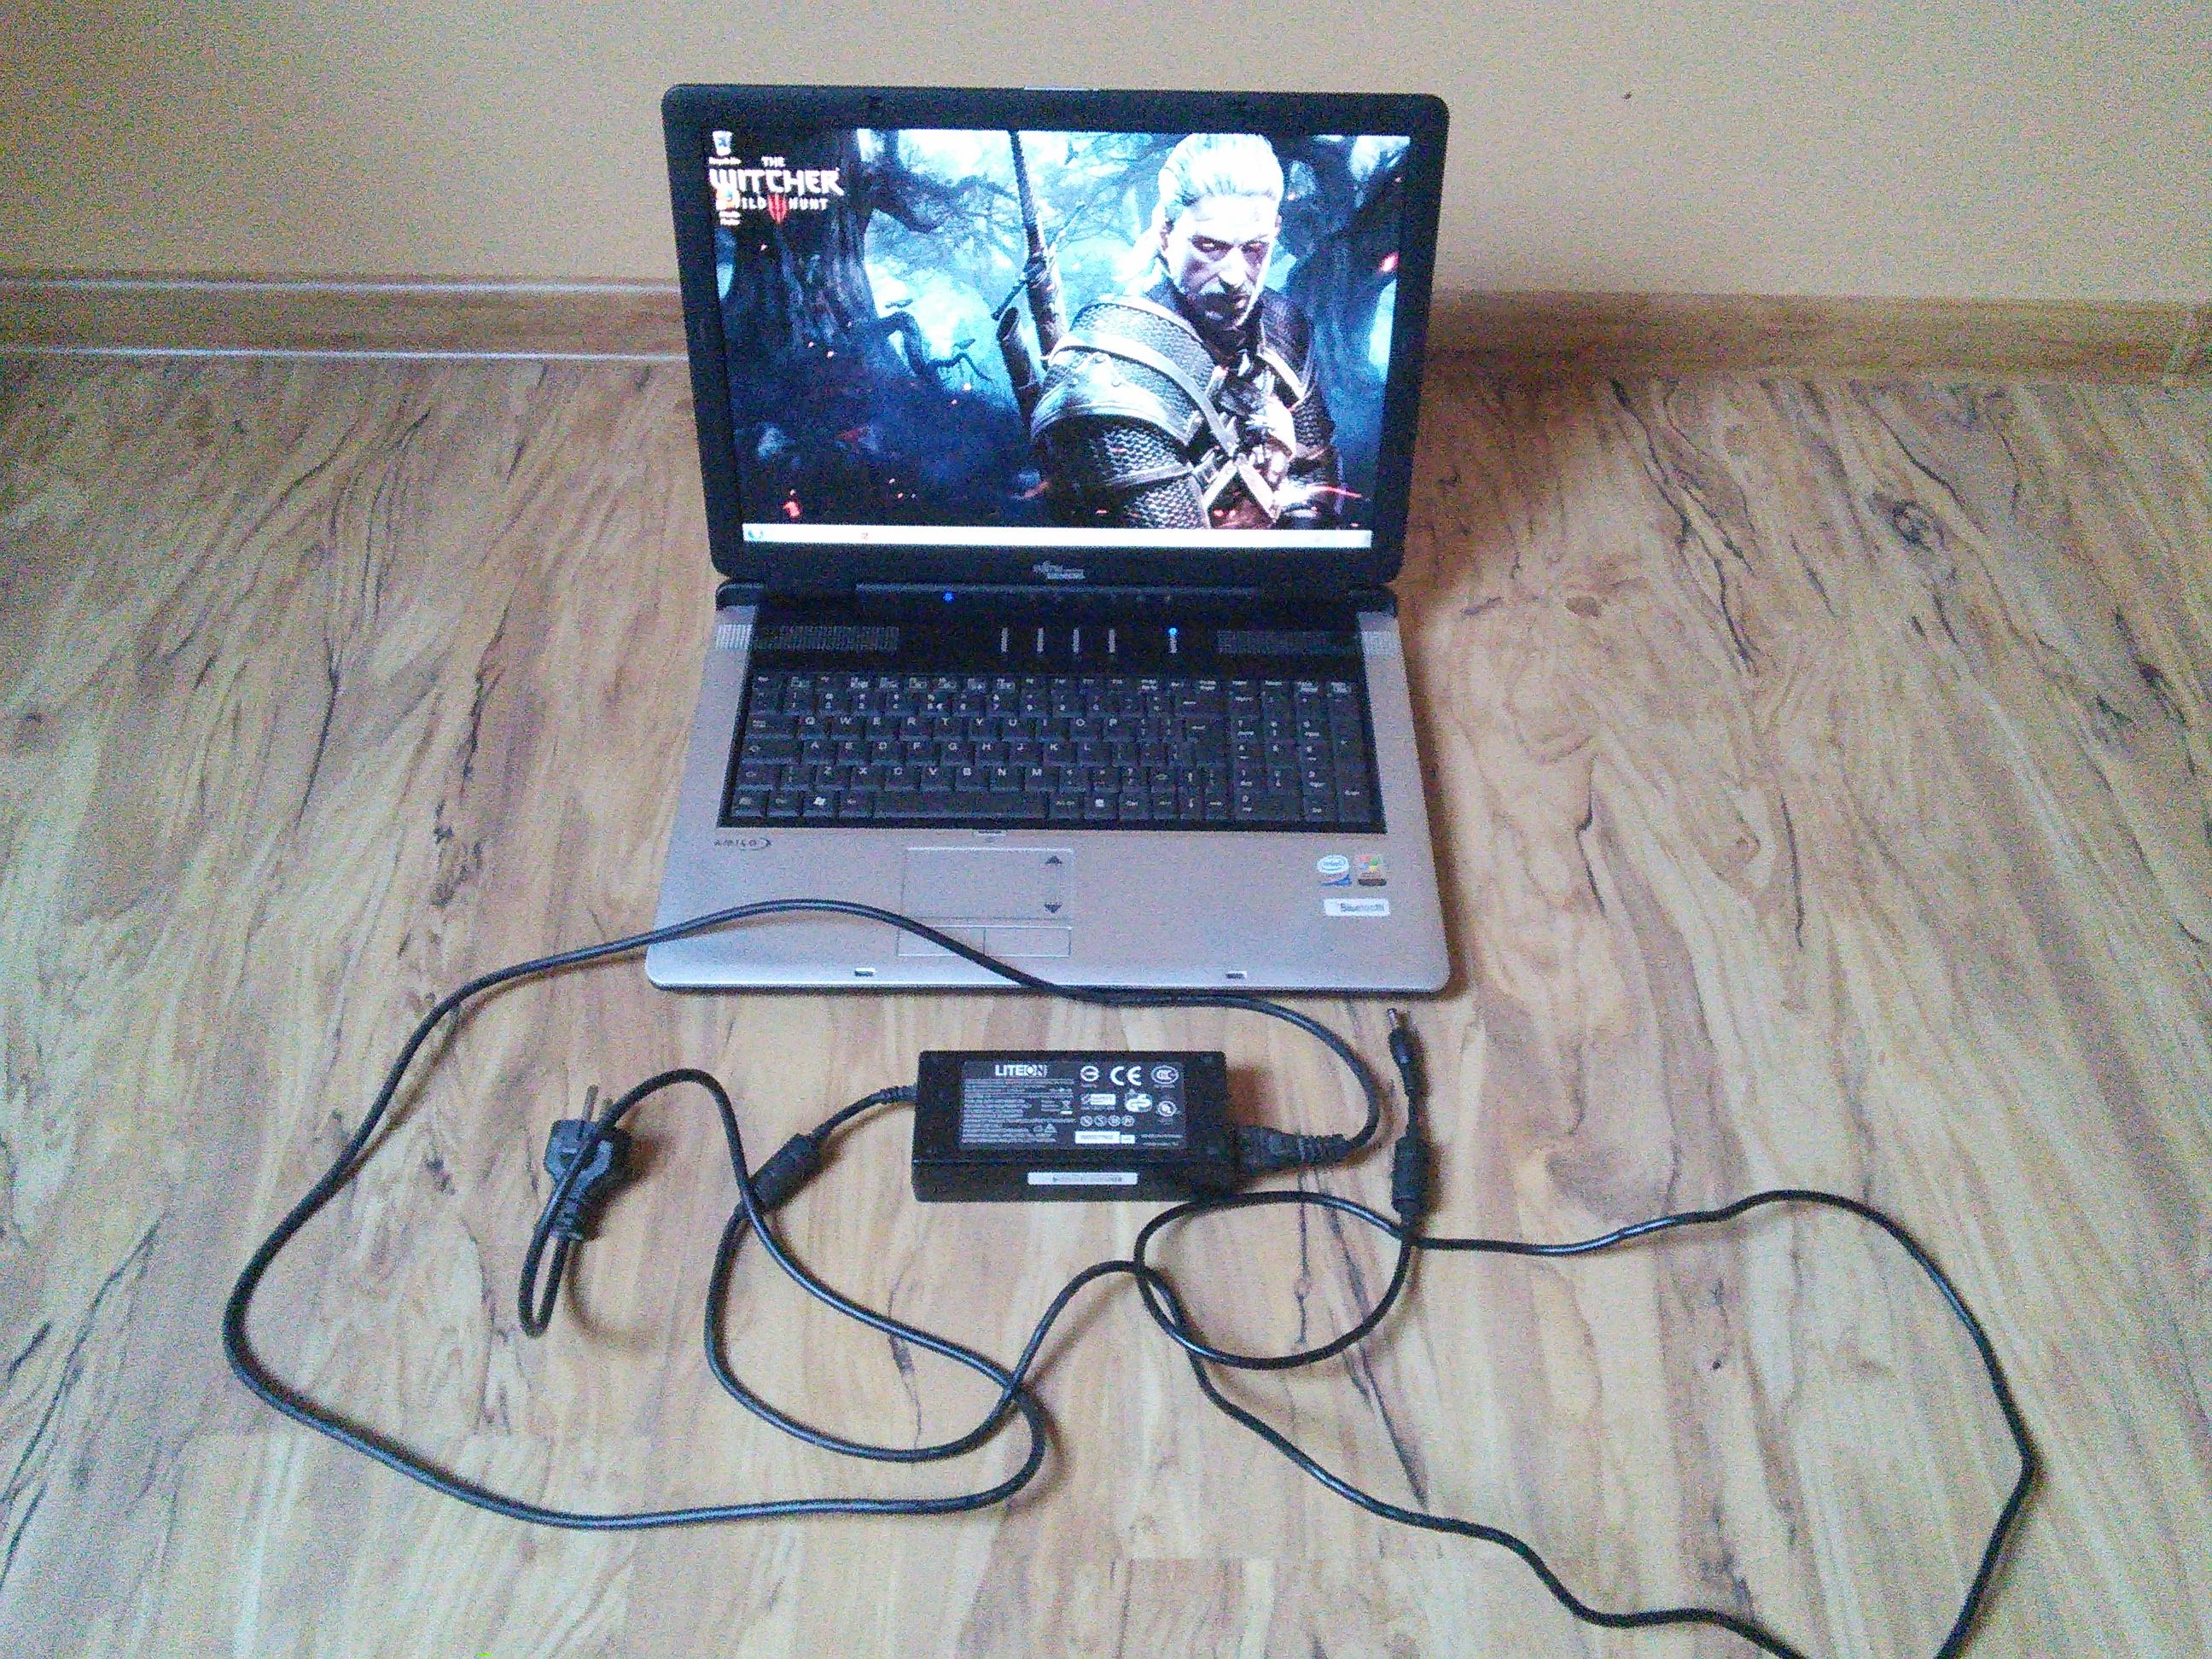 [Sprzedam] Laptop Fujitsu Siemens Amilo Xi1546 Nvidia 512MB